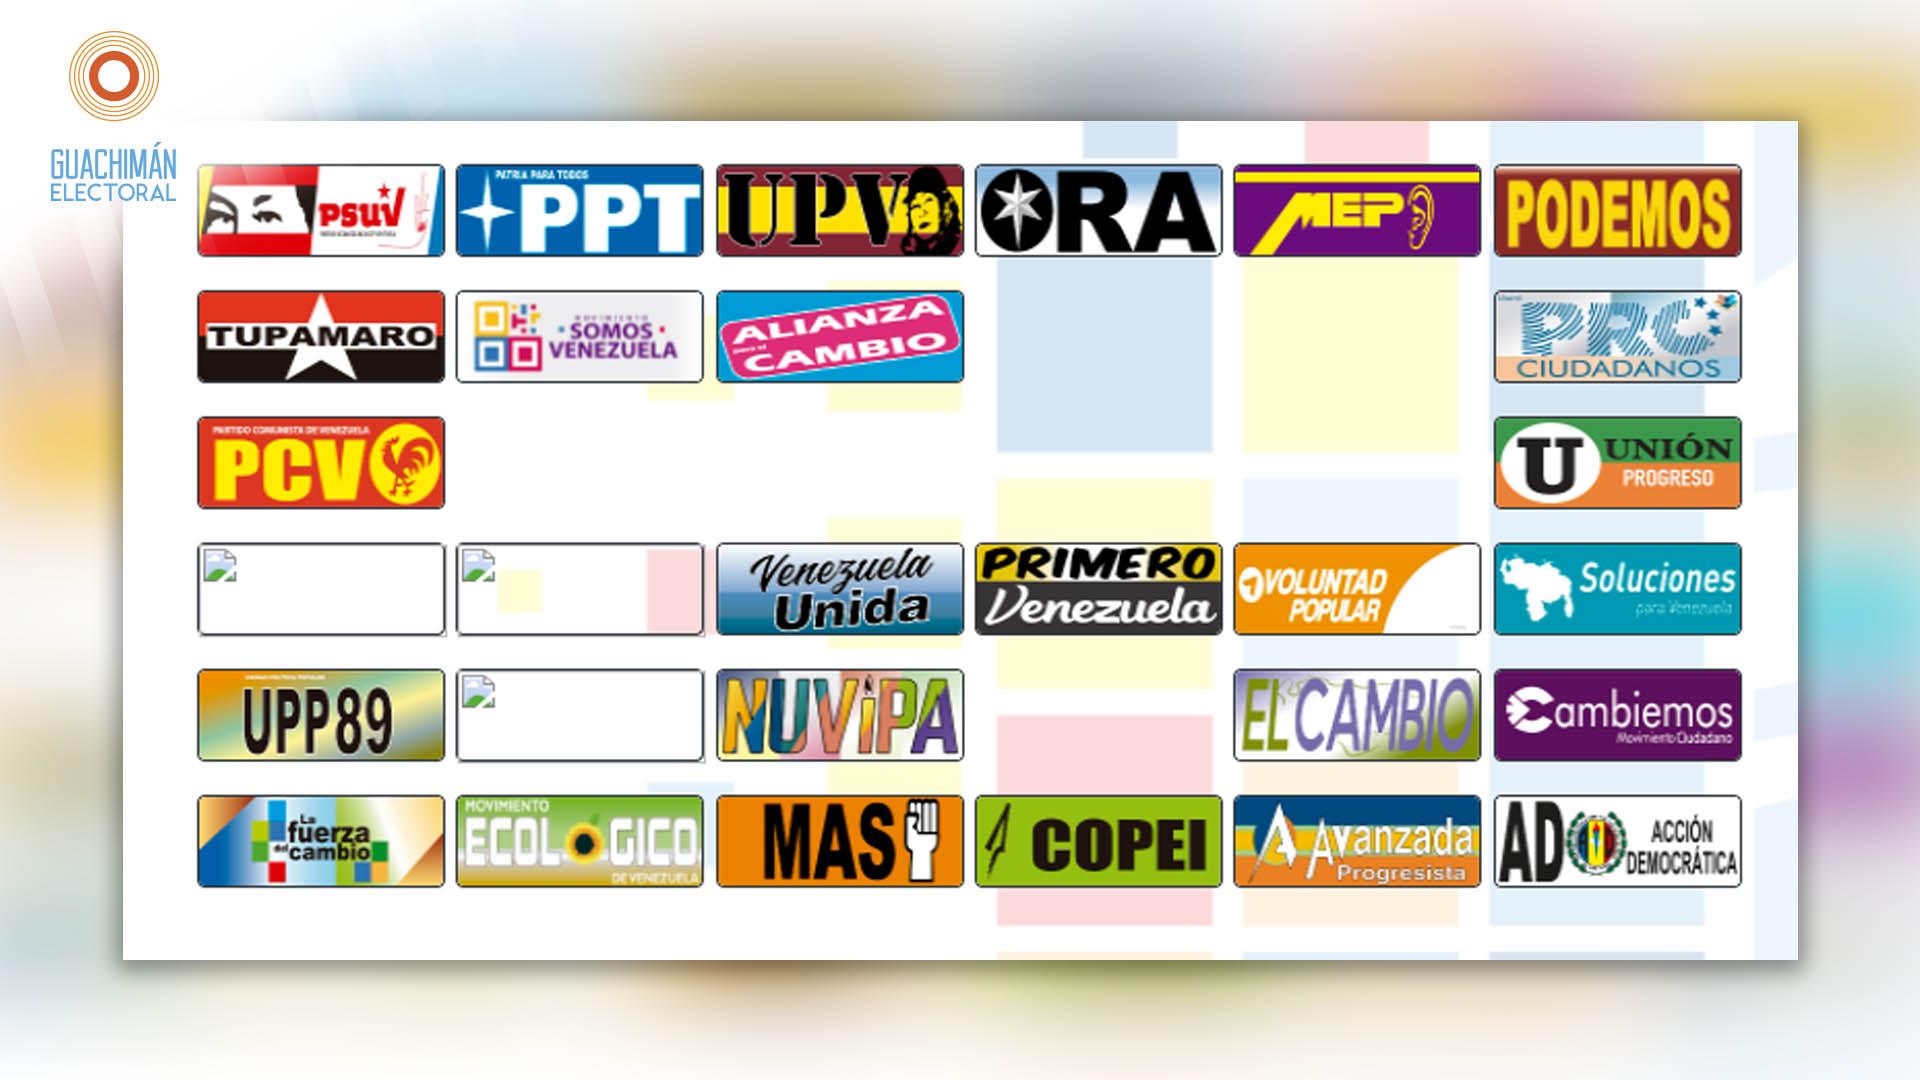 #GuachimánElectoral | Del #28Sep al #4Oct: el chavismo impulsa al #6D en las redes